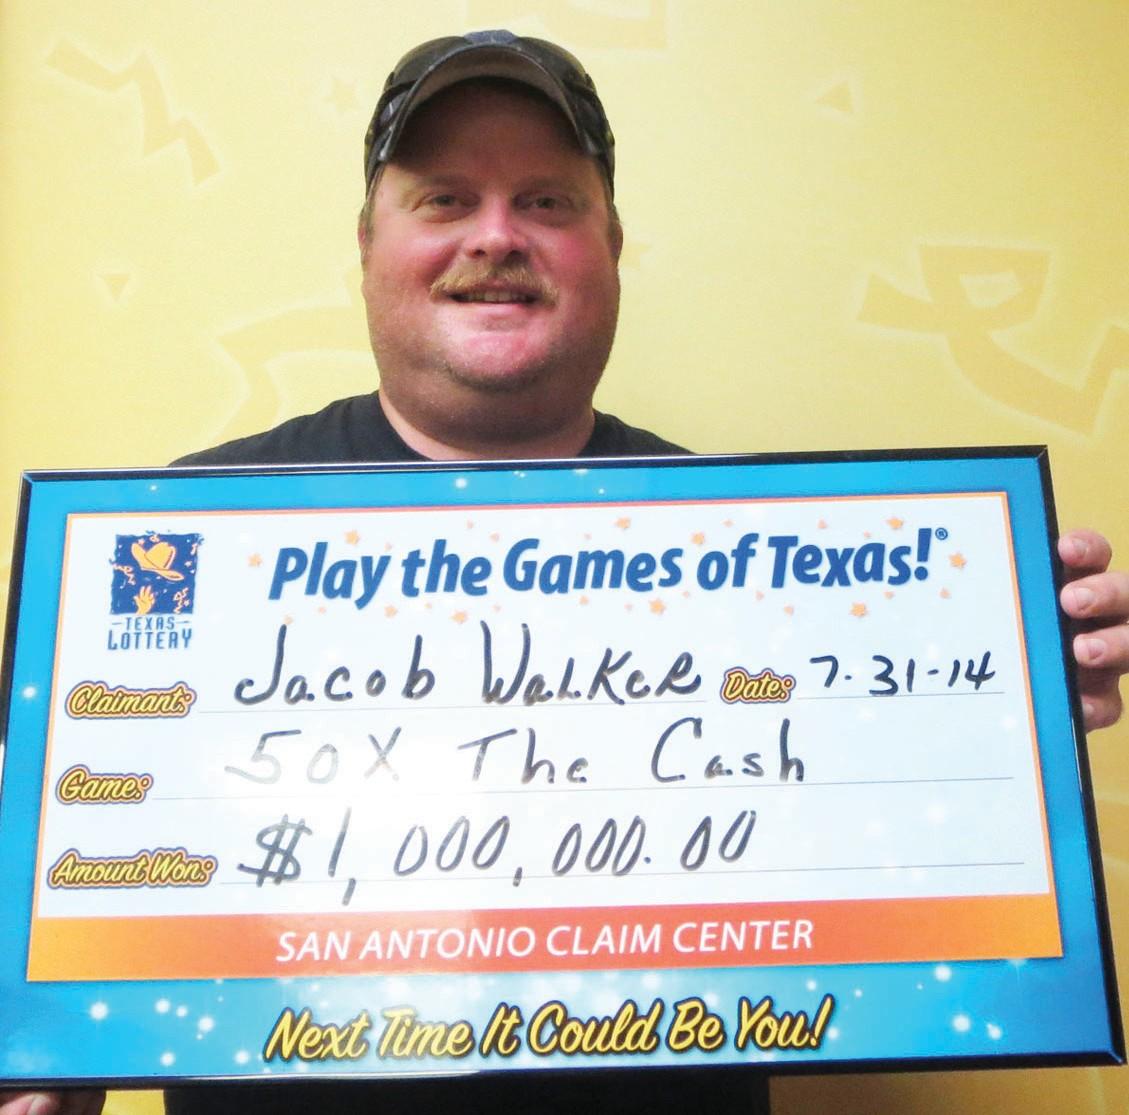 JACOB WALKER